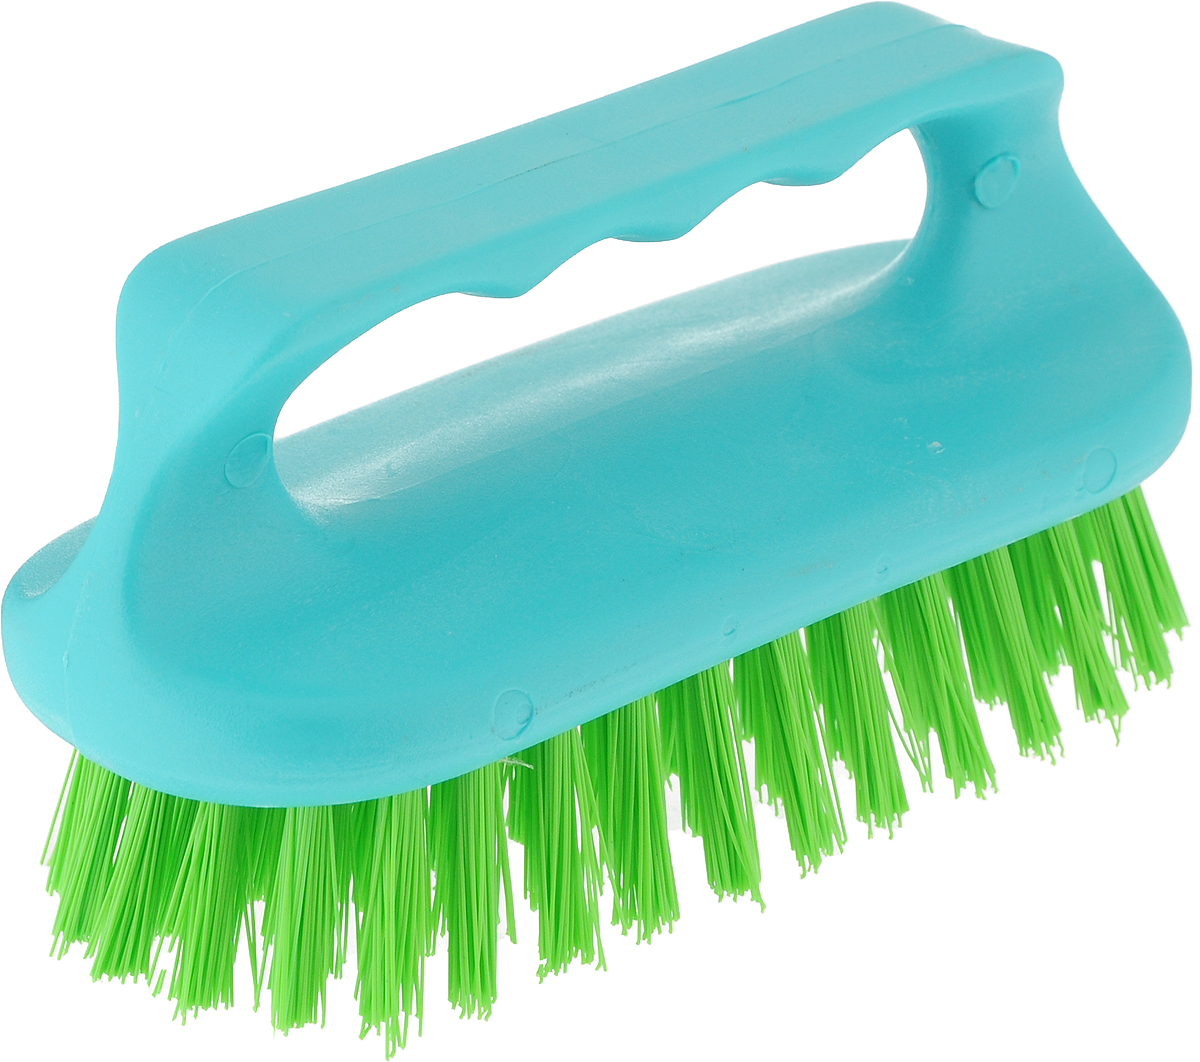 Щетка для ванны Хозяюшка Мила Сальвия, цвет: бирюзовый, салатовый24006_бирюзовый, салатовыйЩетка для ванны Хозяюшка Мила Сальвия, изготовленная из высокопрочного пластика, идеально подходит для снятия сильных загрязнений. Удобная ручка делает процесс чистки комфортным, а форма щетки позволяет хорошо чистить даже труднодоступные места. Щетина средней жесткости не повреждает поверхность. Размер щетки (с учетом ручки и щетины): 13,5 х 6 х 7,2 см.Длина щетины: 2,5 см.